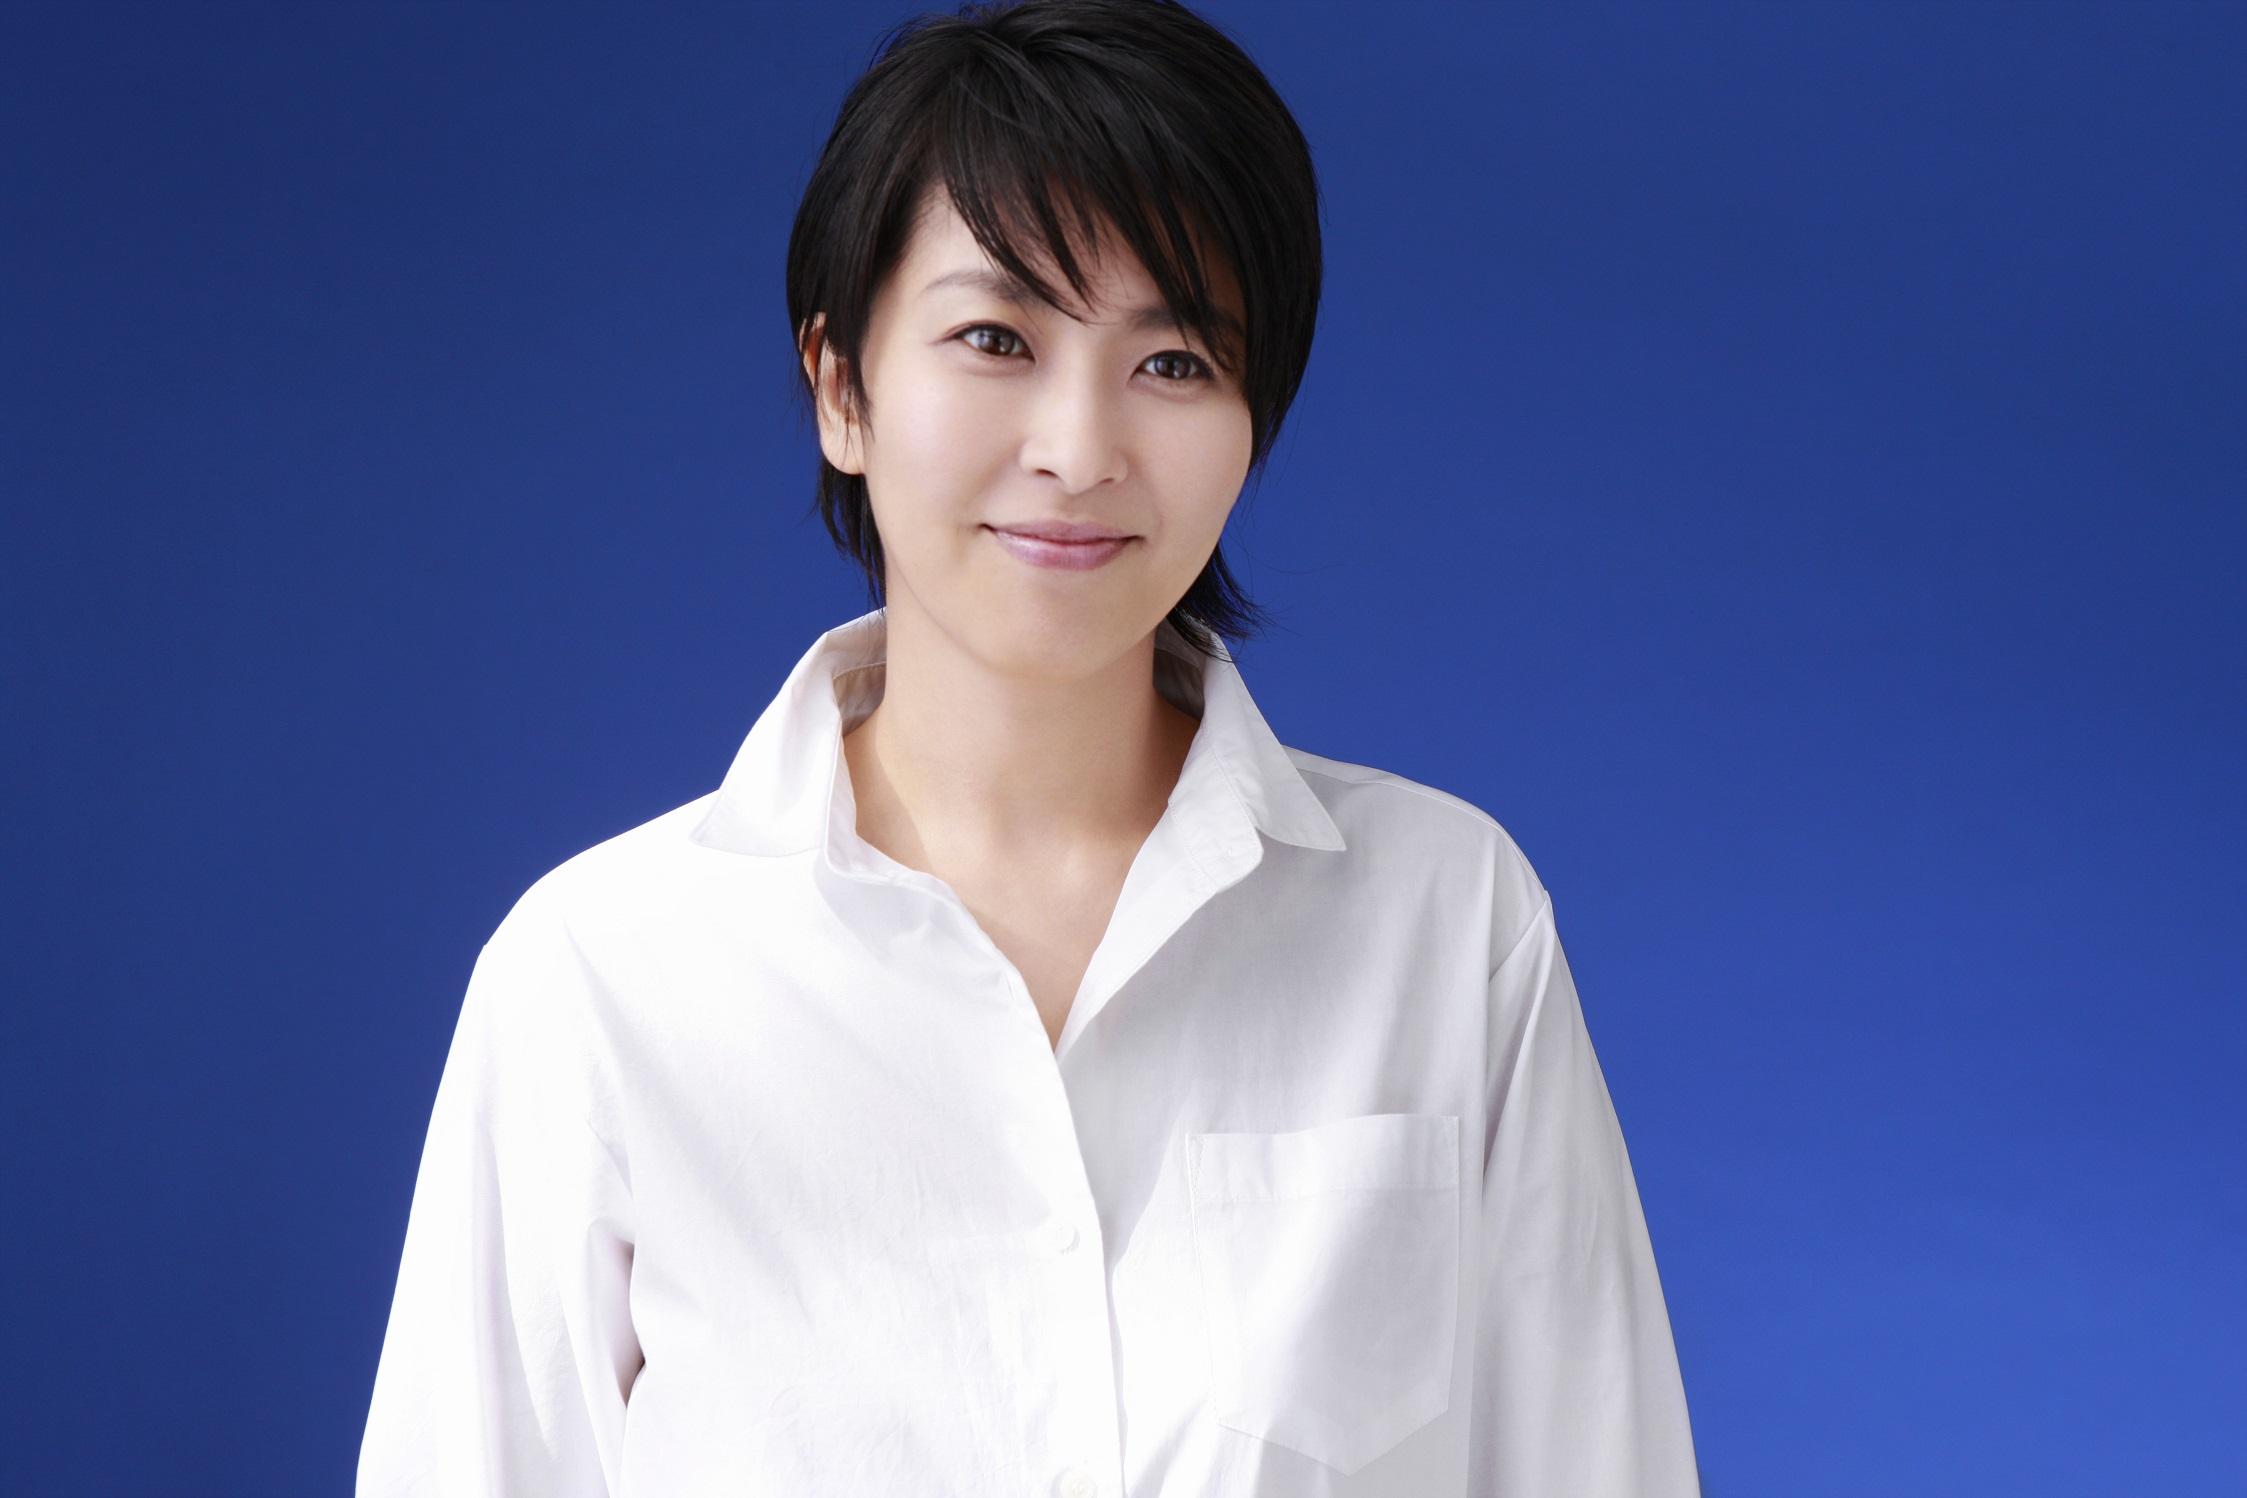 松たか子が8年ぶりのMステで朝ドラ主題歌をテレビ初歌唱!AKB48、西野カナ、ジャニーズWEST、E-girlsらも出演